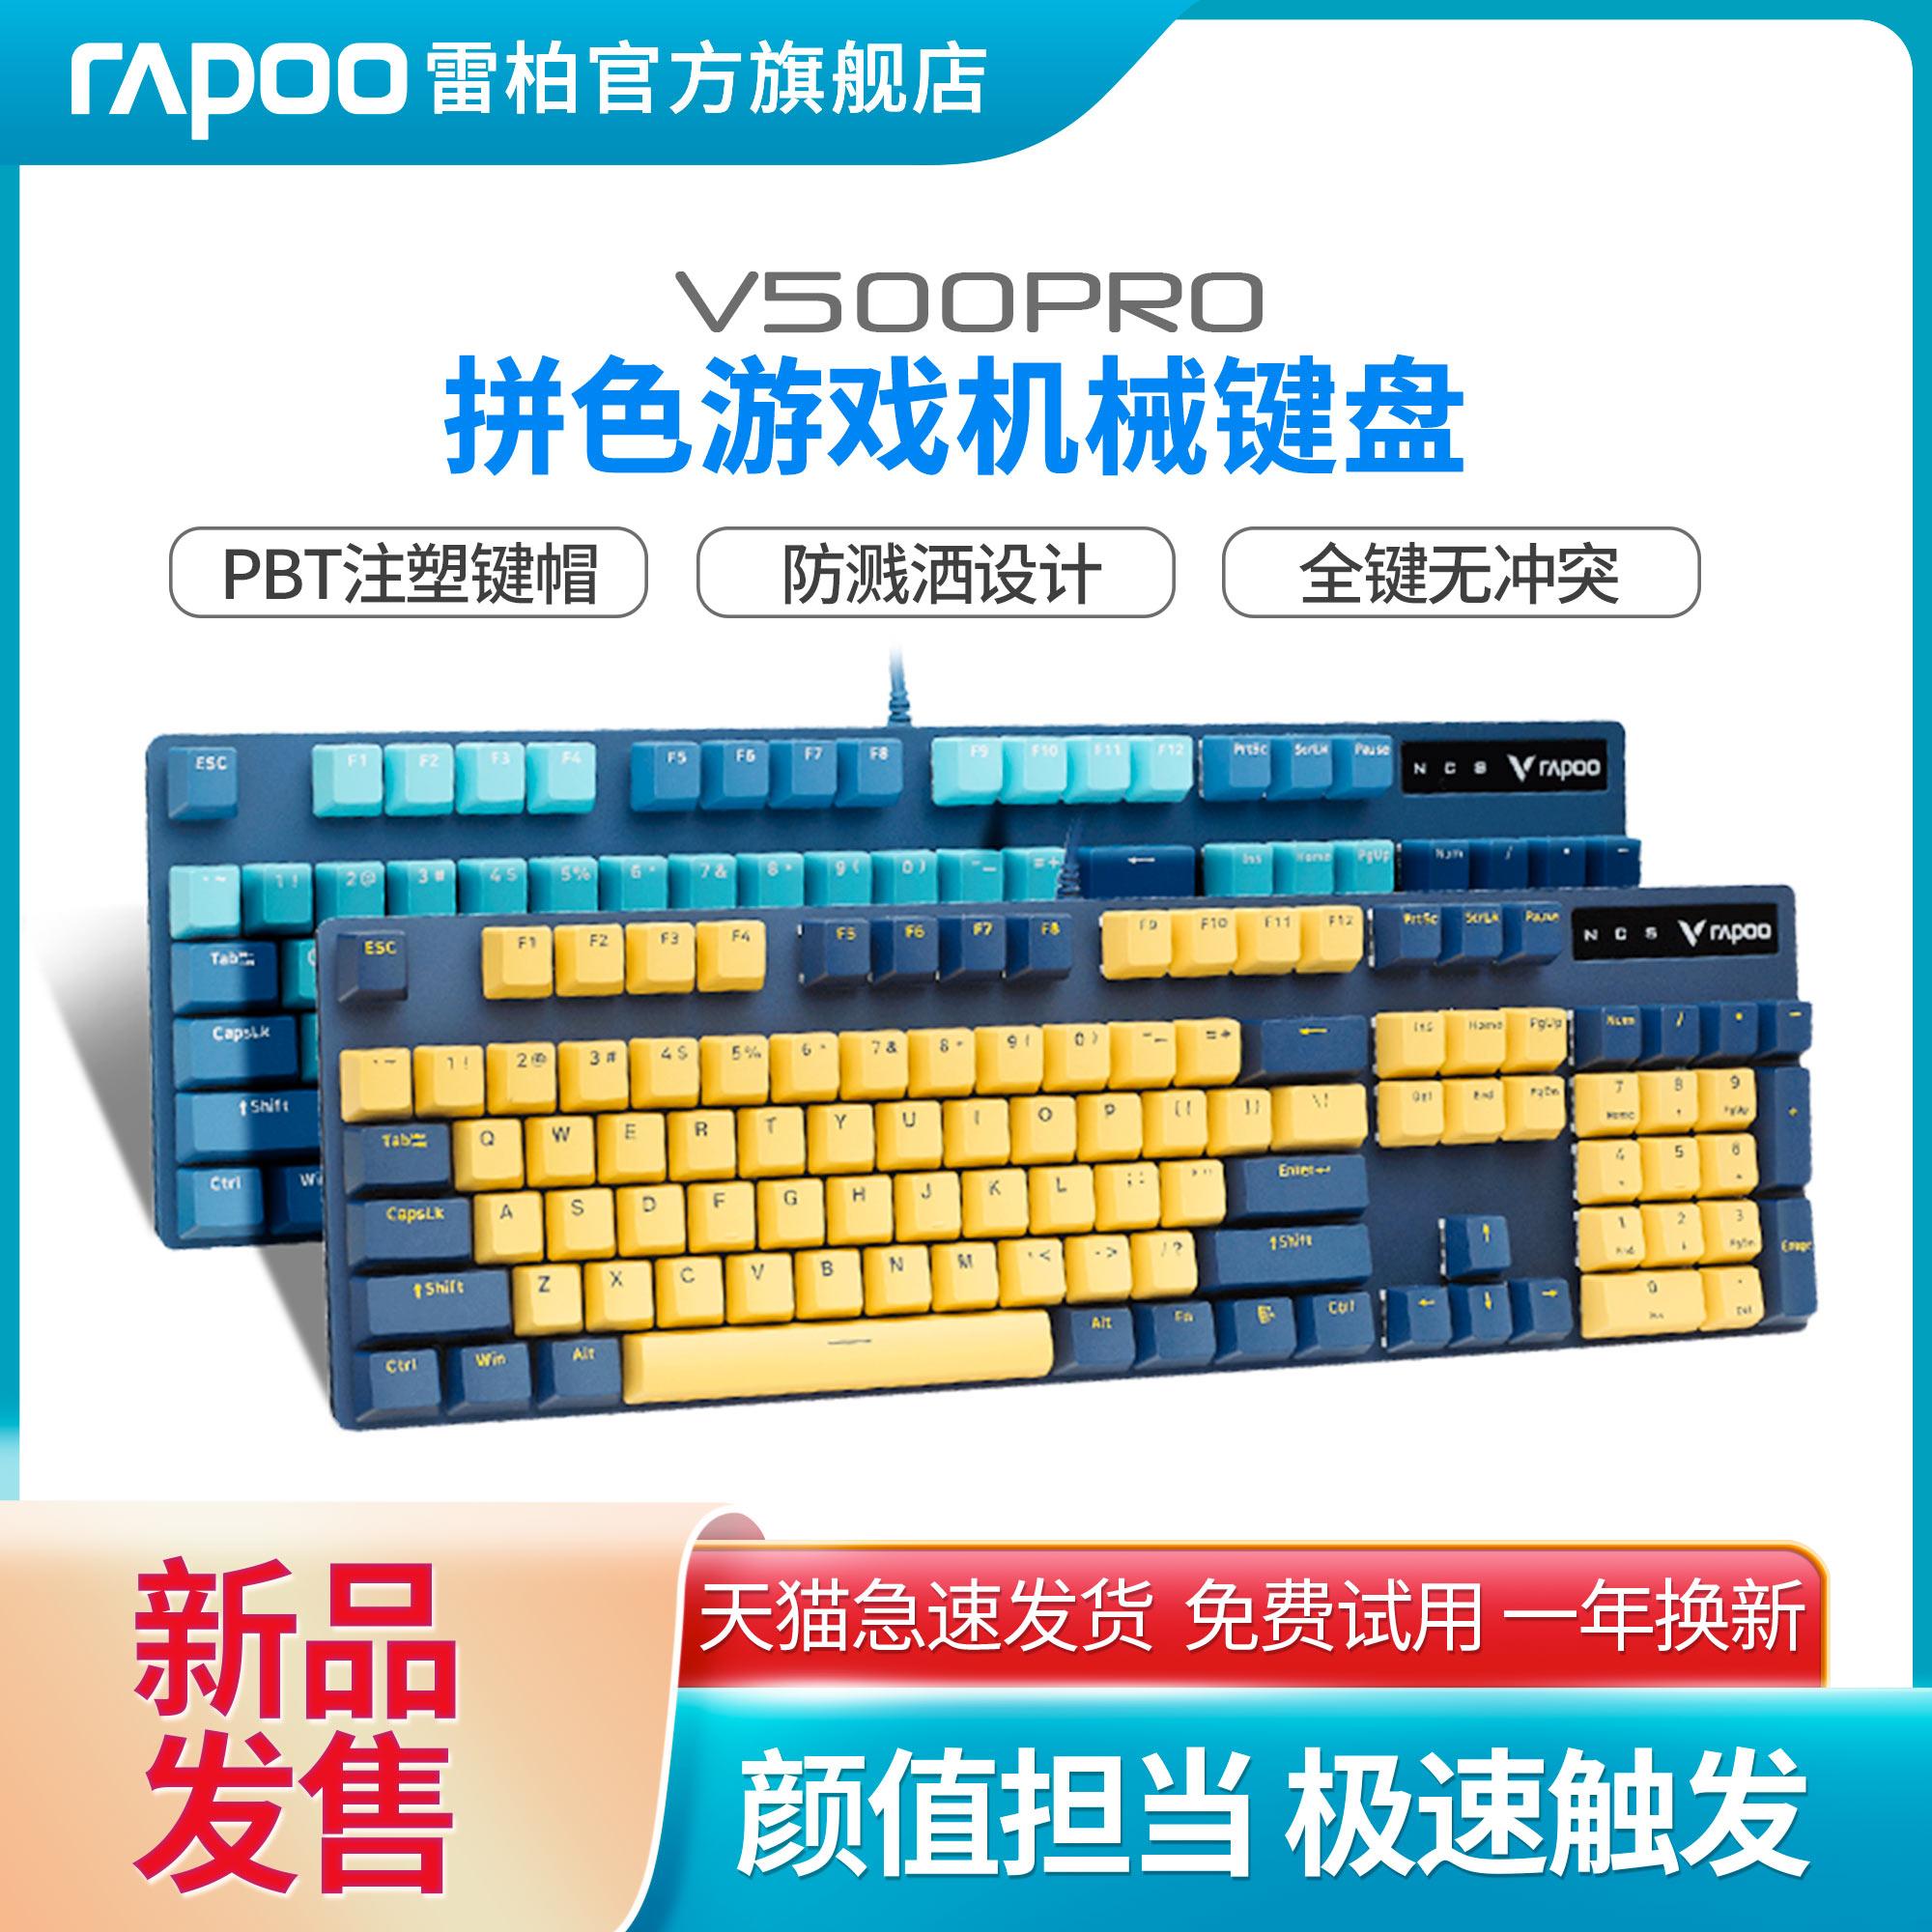 雷柏V500PRO机械键盘双拼色青茶红黑轴PBT办公家用台式电脑笔记本游戏宏电竞吃鸡女生打字金属有线合金104键